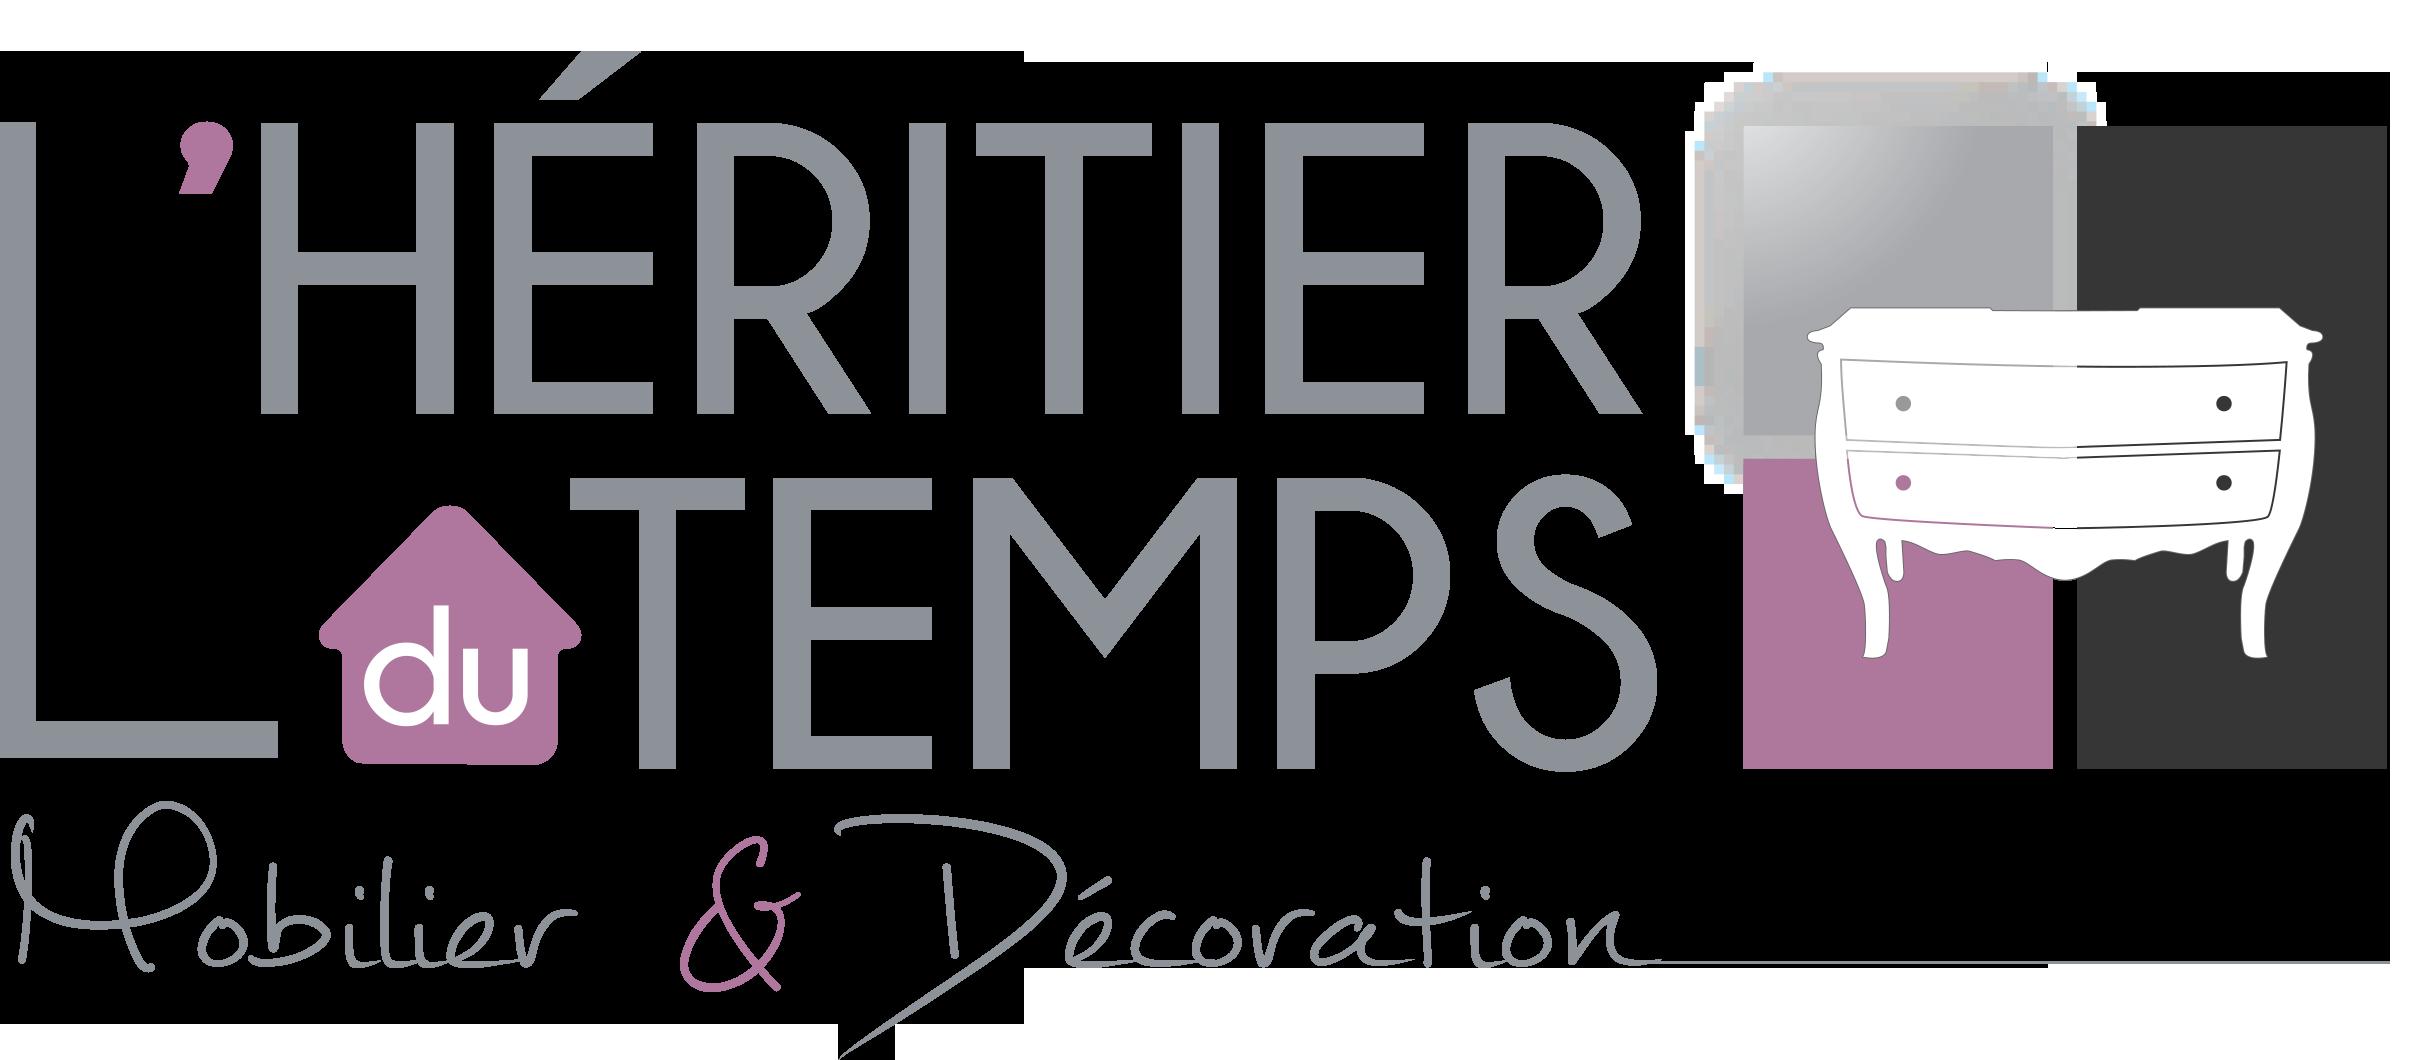 Mobilier Decoration Site Officiel L Heritier Du Temps